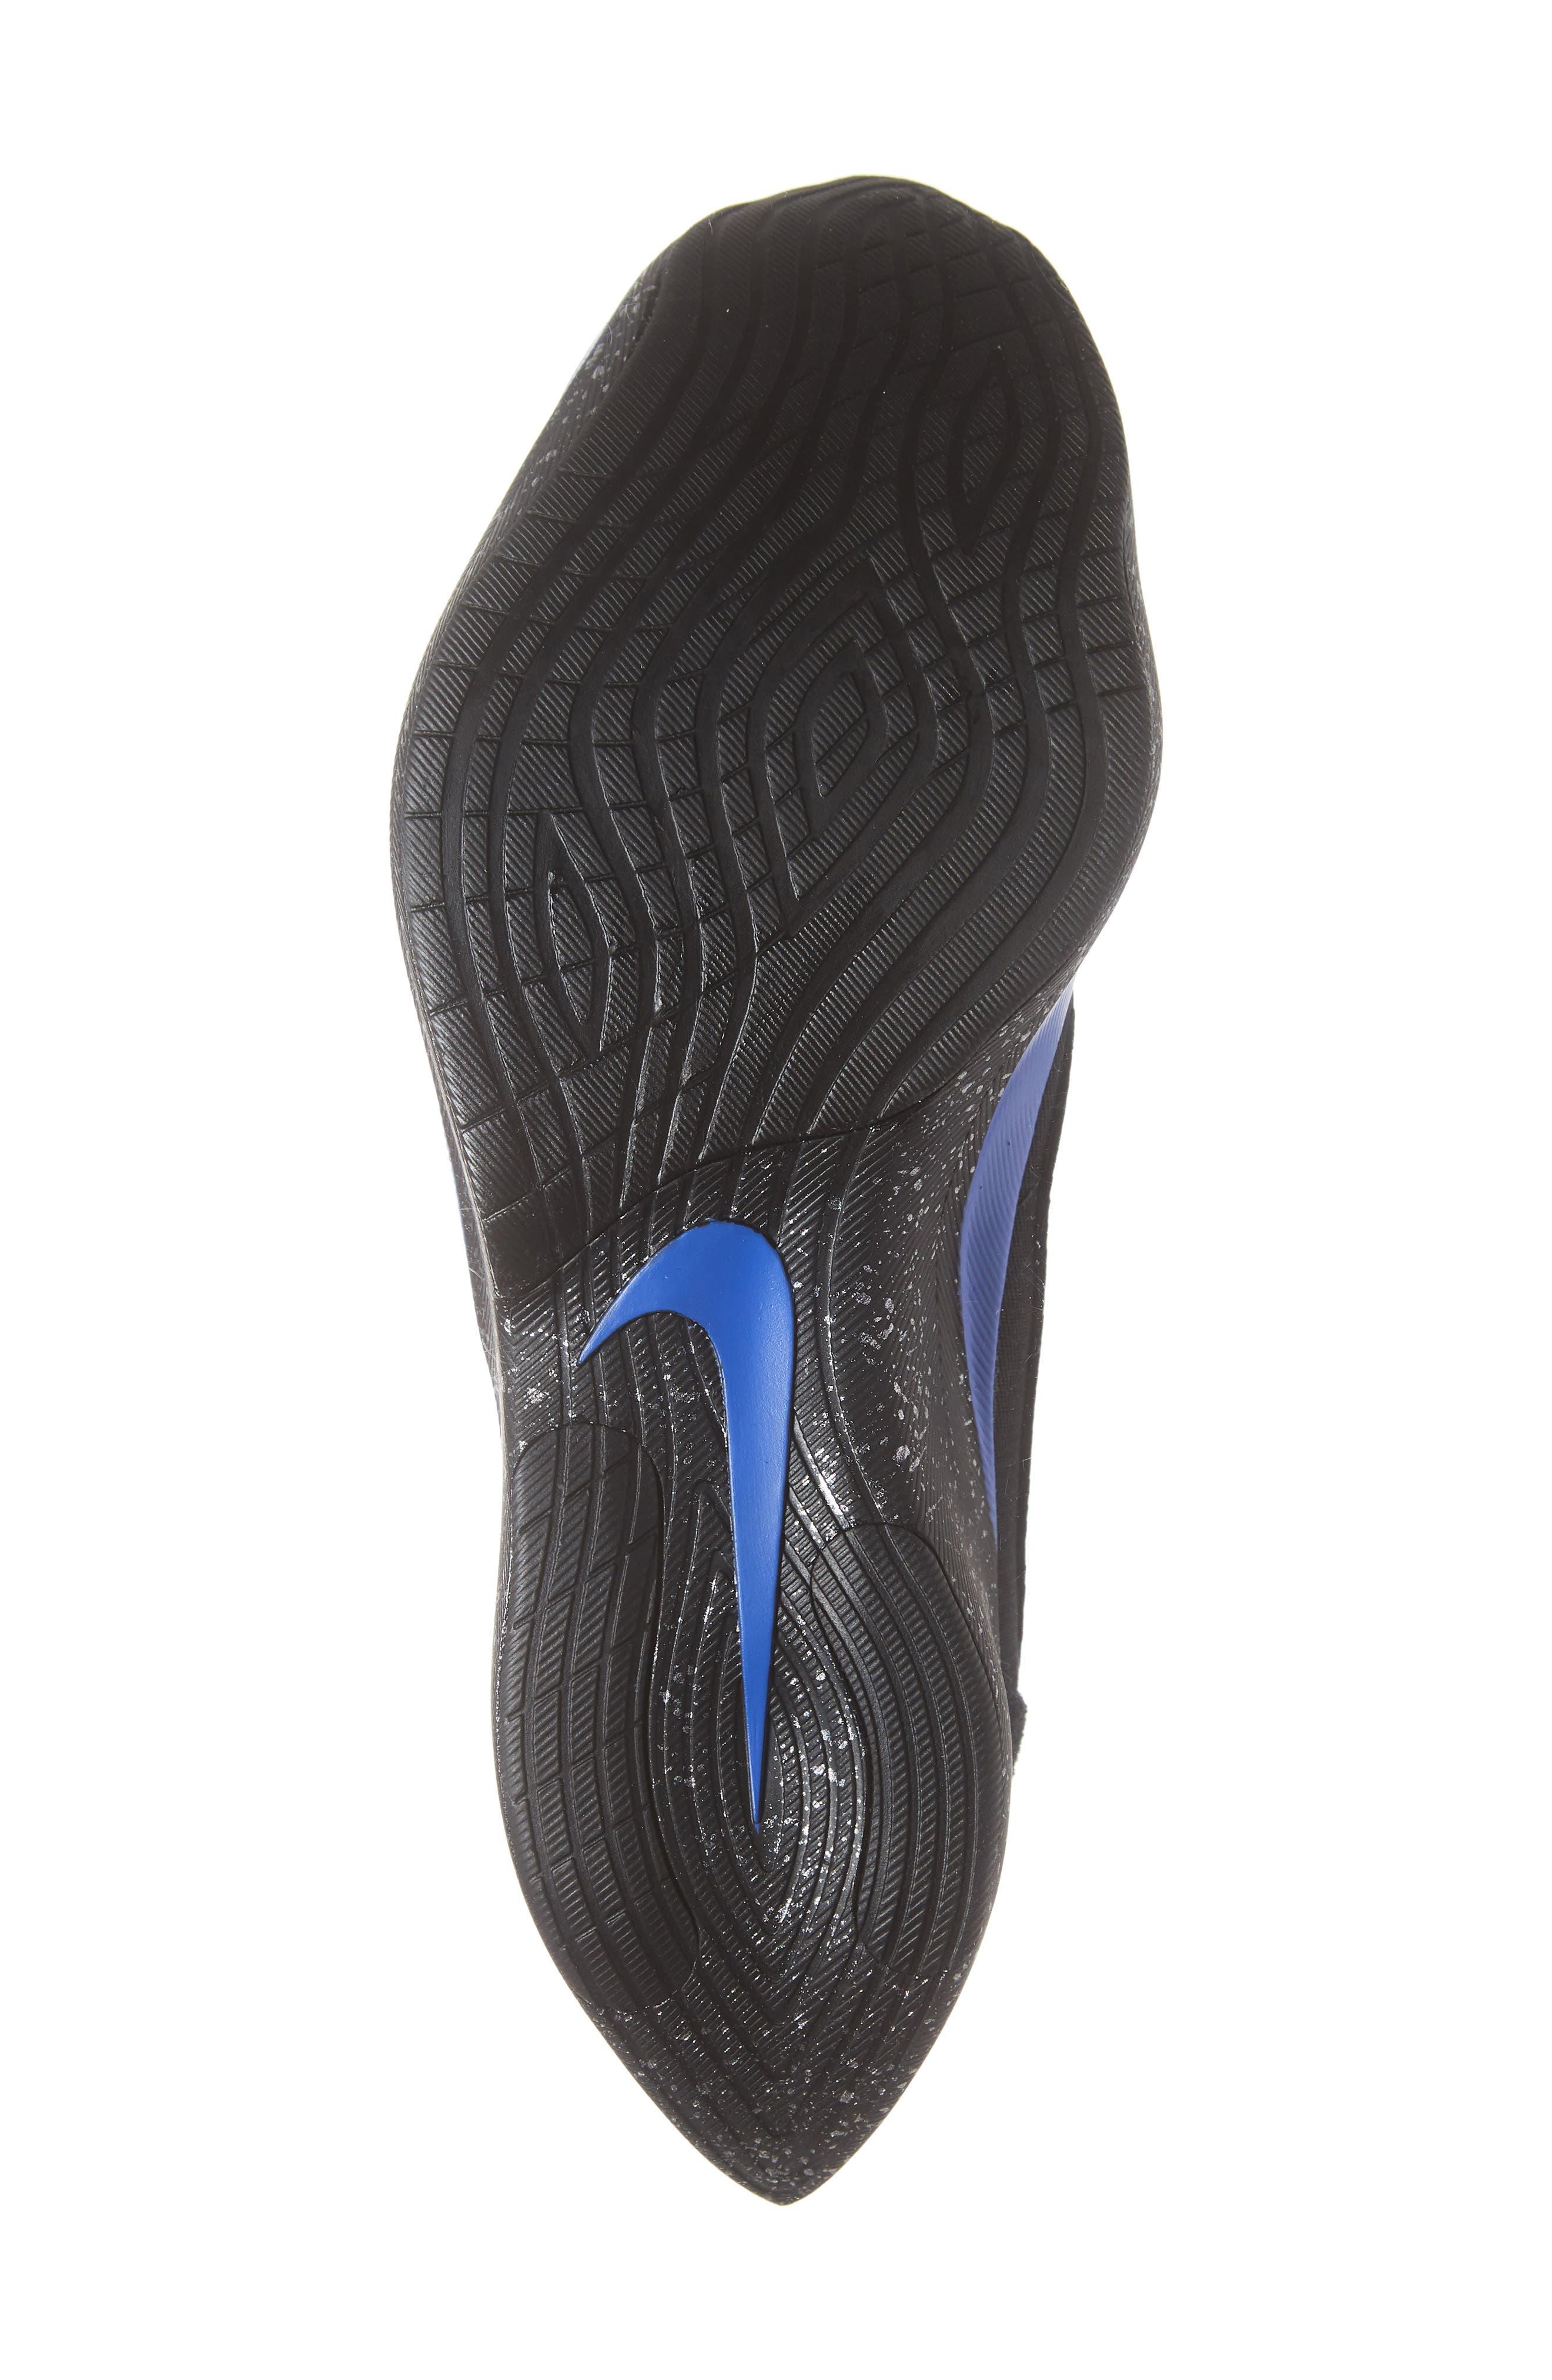 NIKE,                             Moon Racer QS Sneaker,                             Alternate thumbnail 6, color,                             001